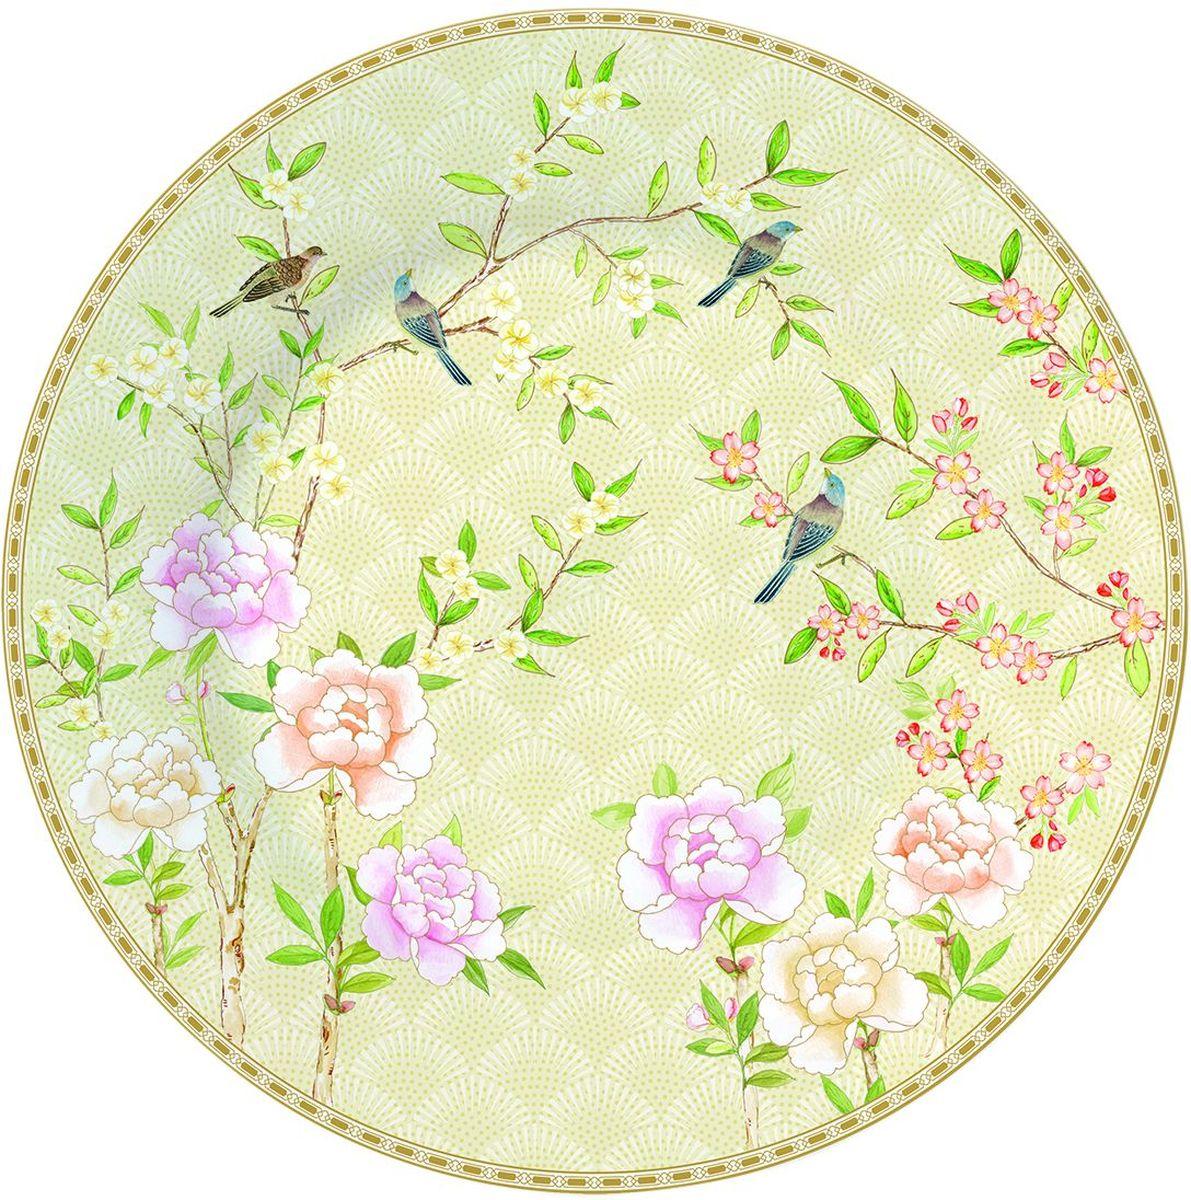 Тарелка Easy Life Сад во дворце, диаметр 19 см1358PALFТарелка Easy Life выполнена из фарфора. Изделие украшено уникальным принтом.Такая тарелка станет не только украшением стола, но и прекрасным подарком.Диаметр: 19 см.